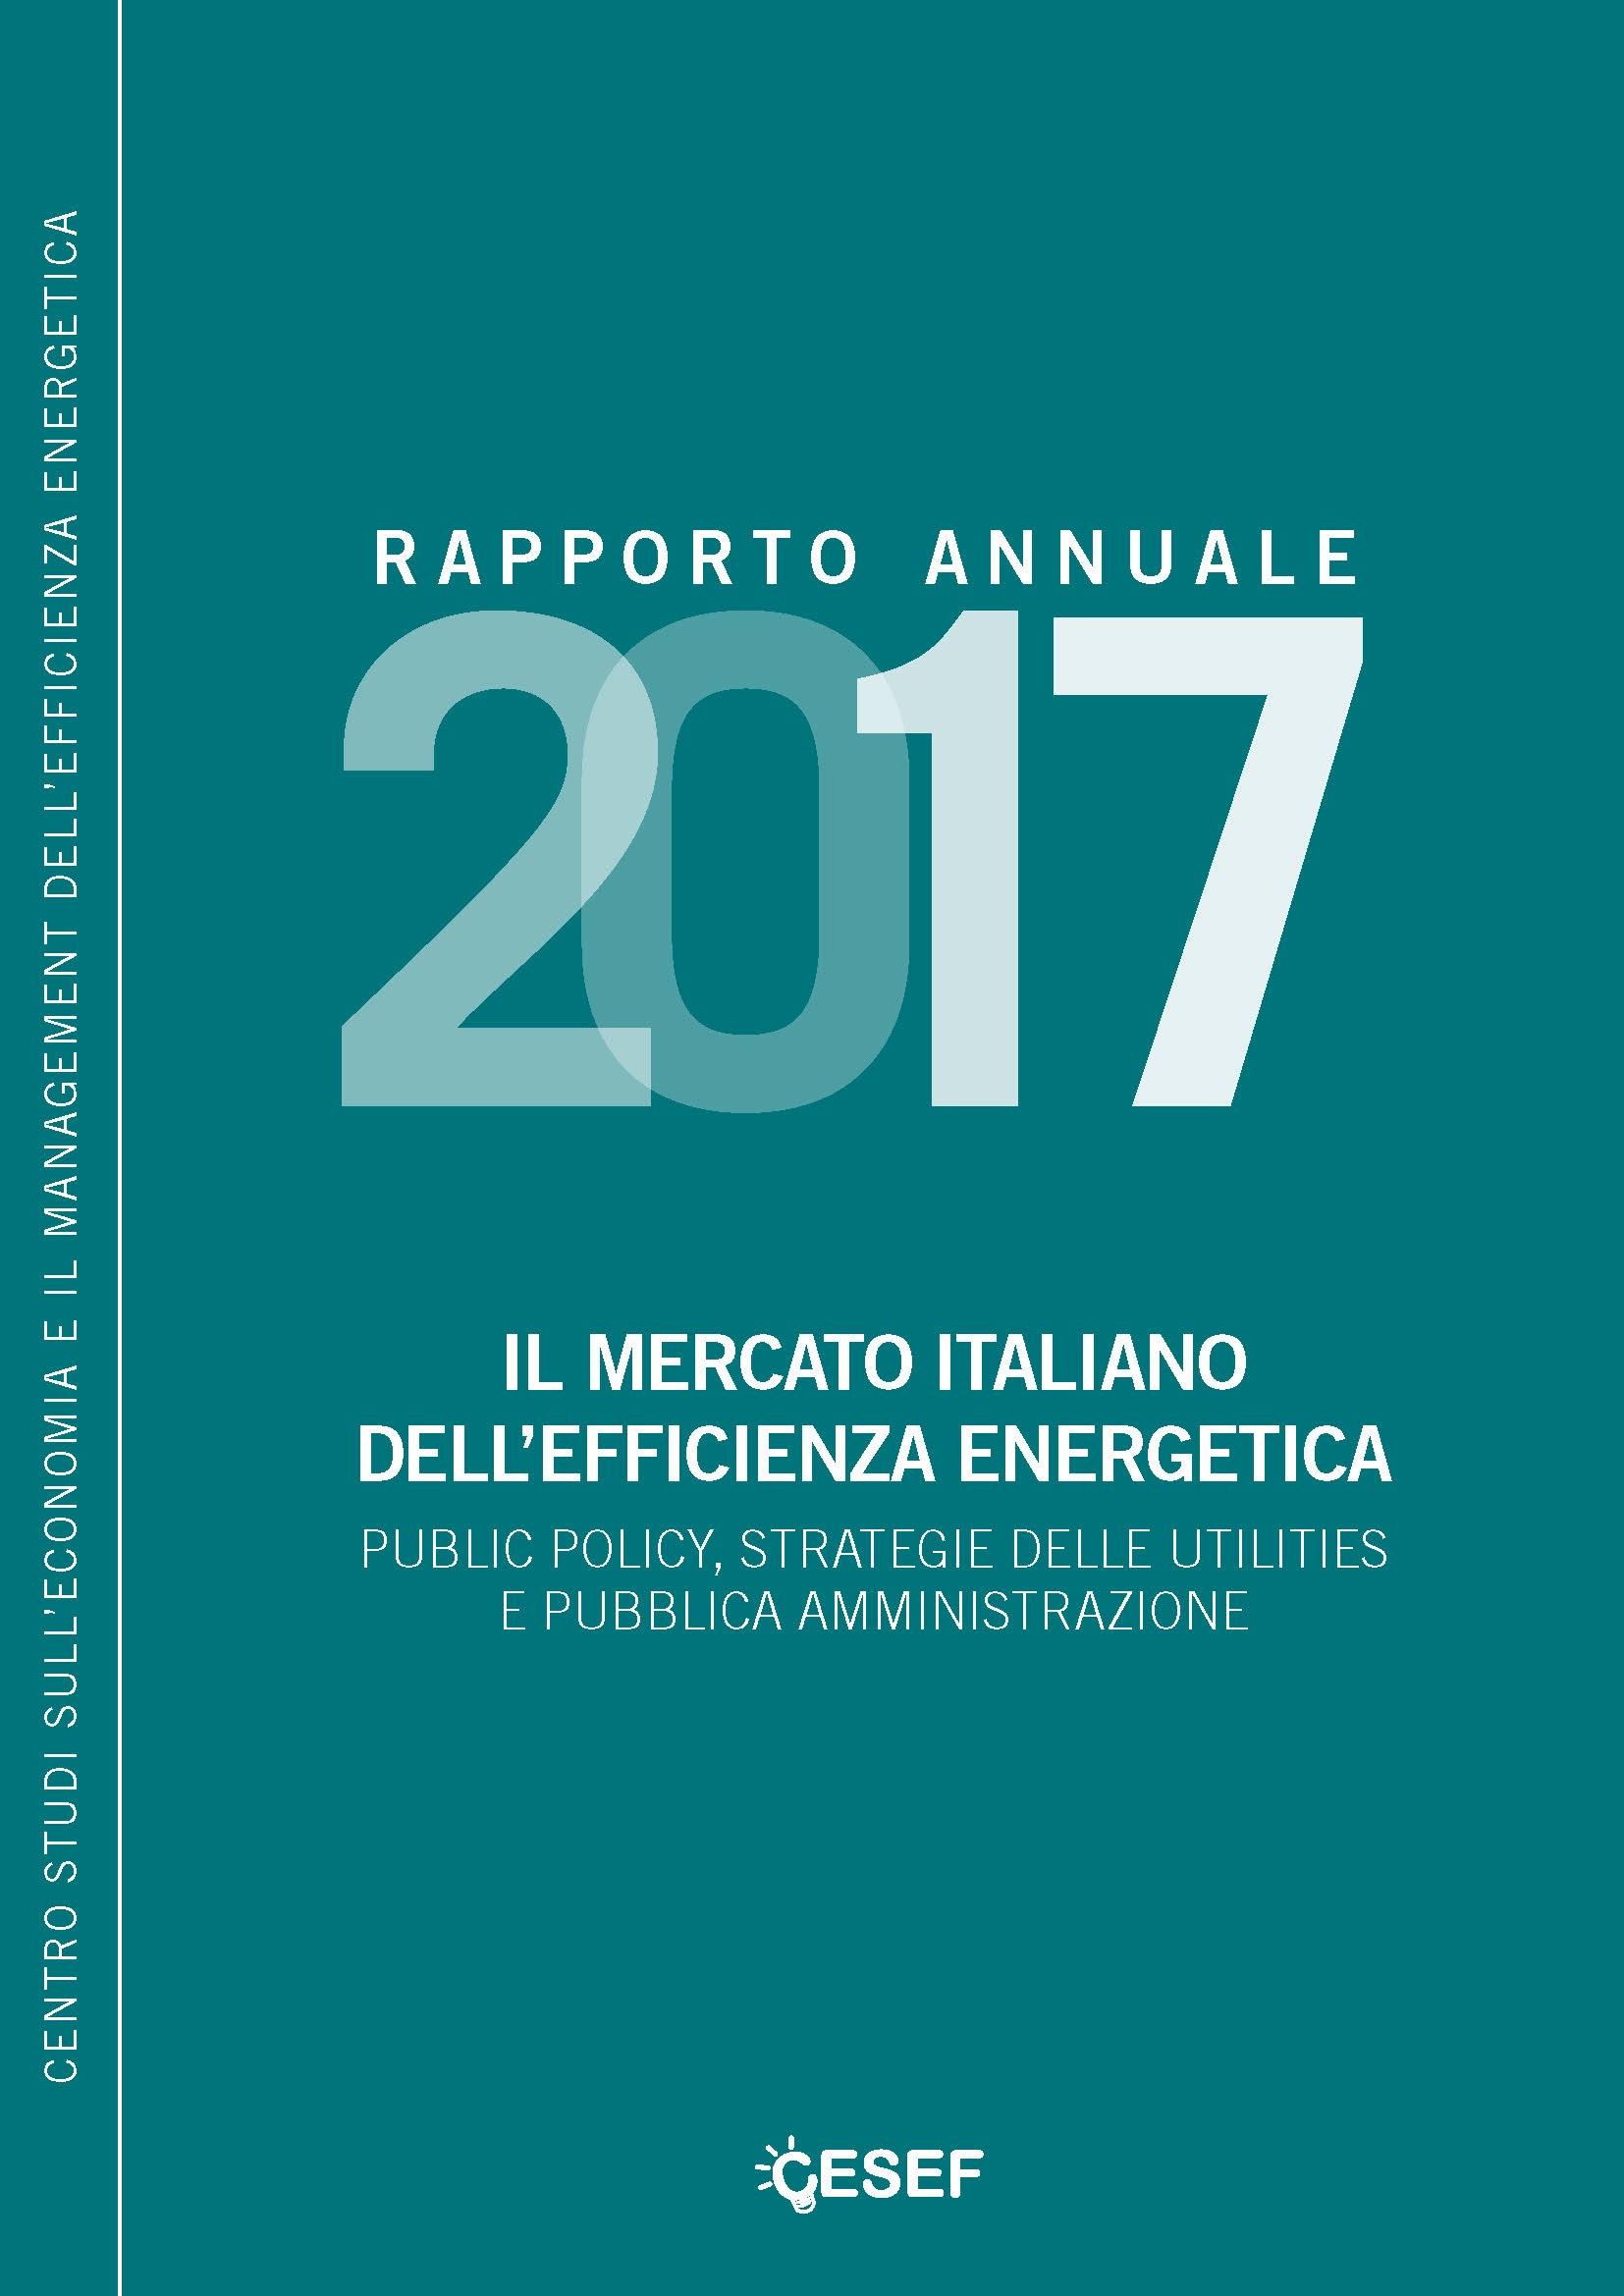 copertina-rapporto-annuale-cesef-2017.jpg